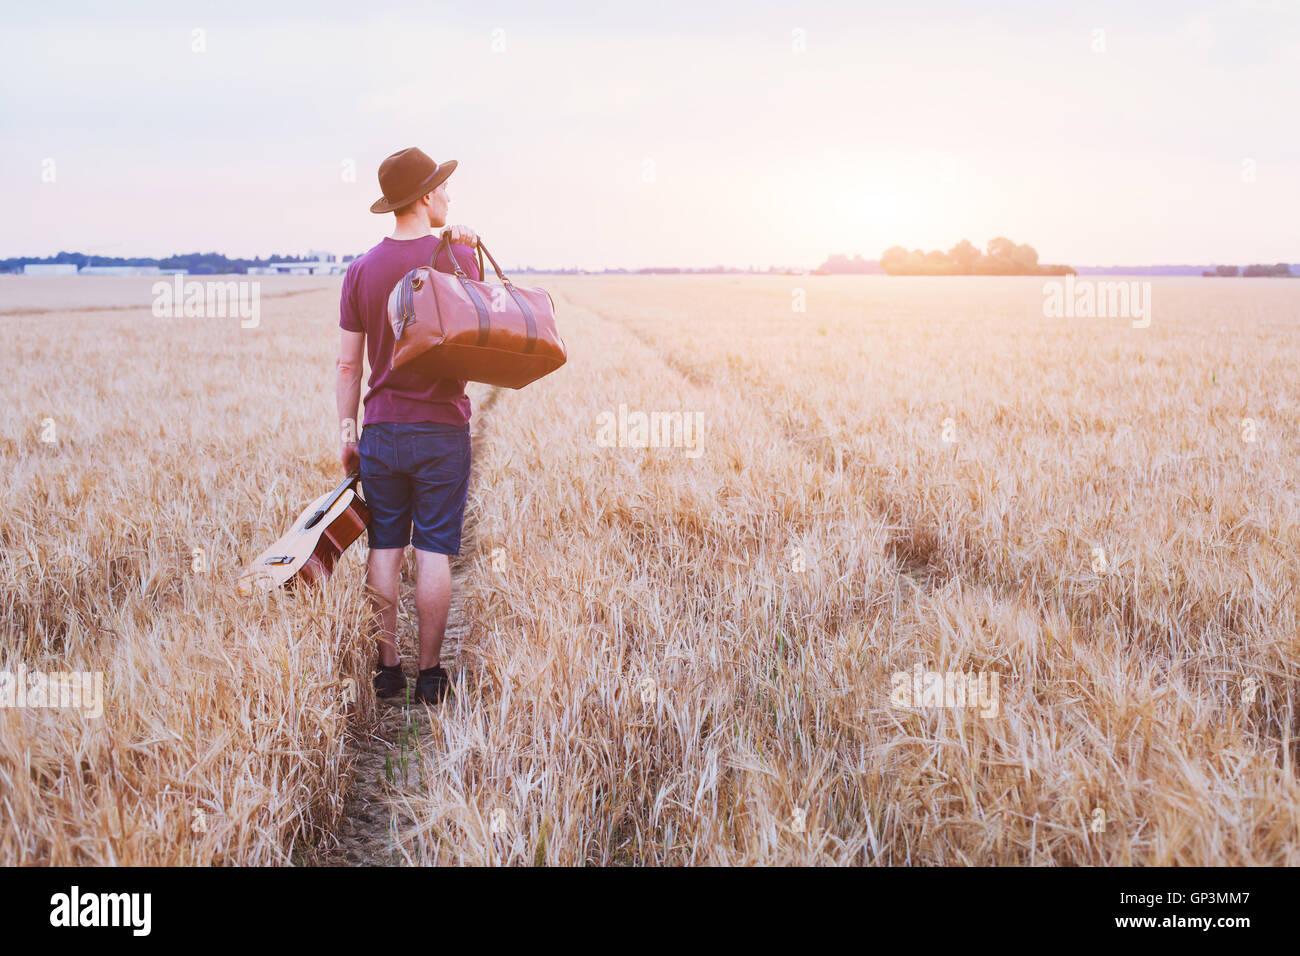 kleinen Sohn aus dem Haus, romantische Reise Hintergrund, Mann mit Gitarre und Straße Tasche Wandern bei Sonnenuntergang Stockbild